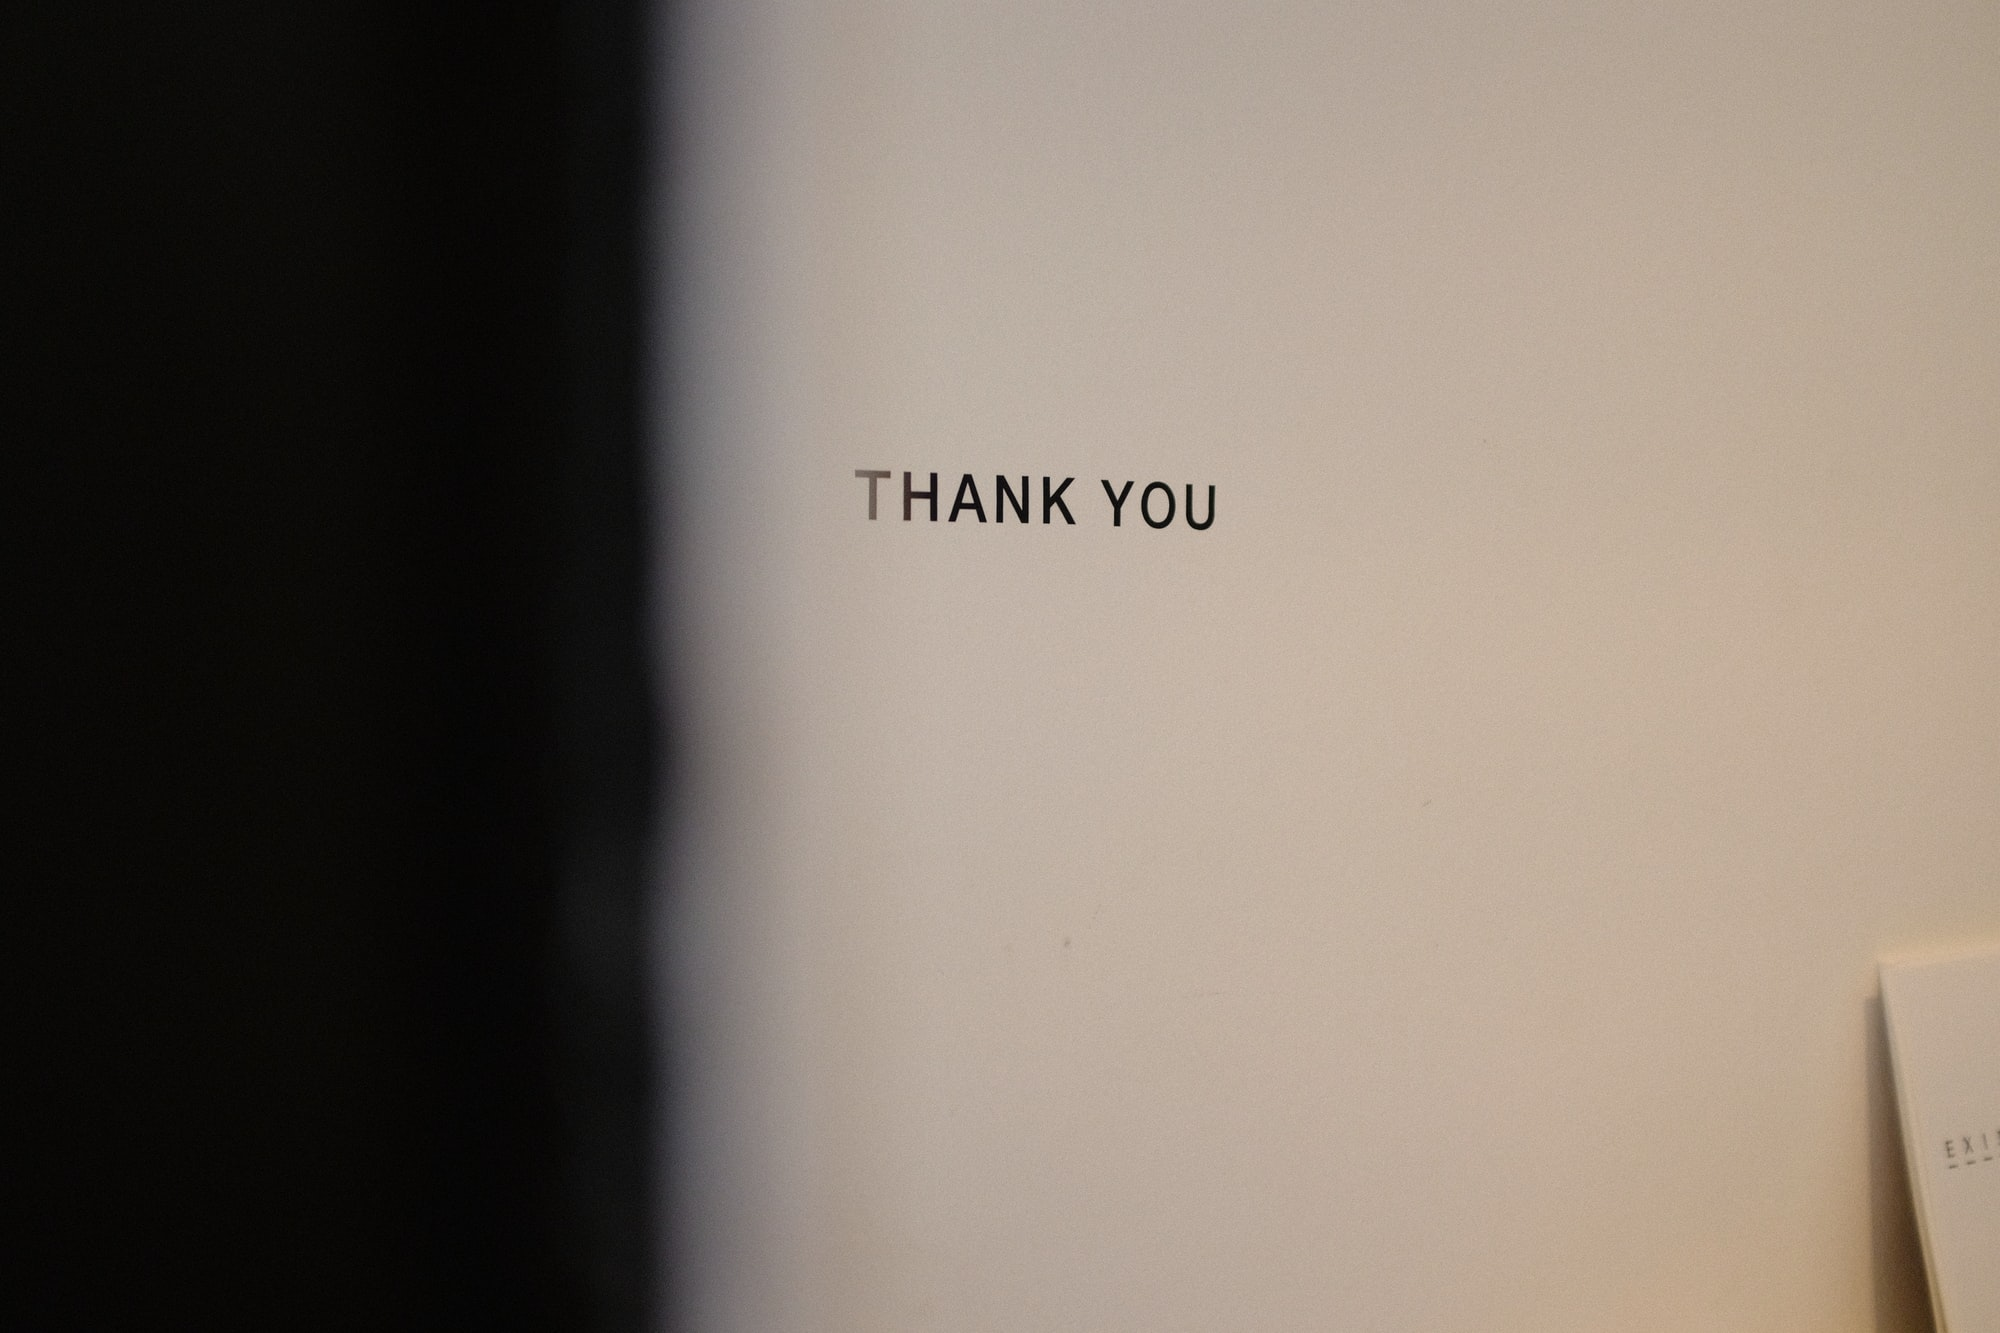 Gracias por pasar por aquí